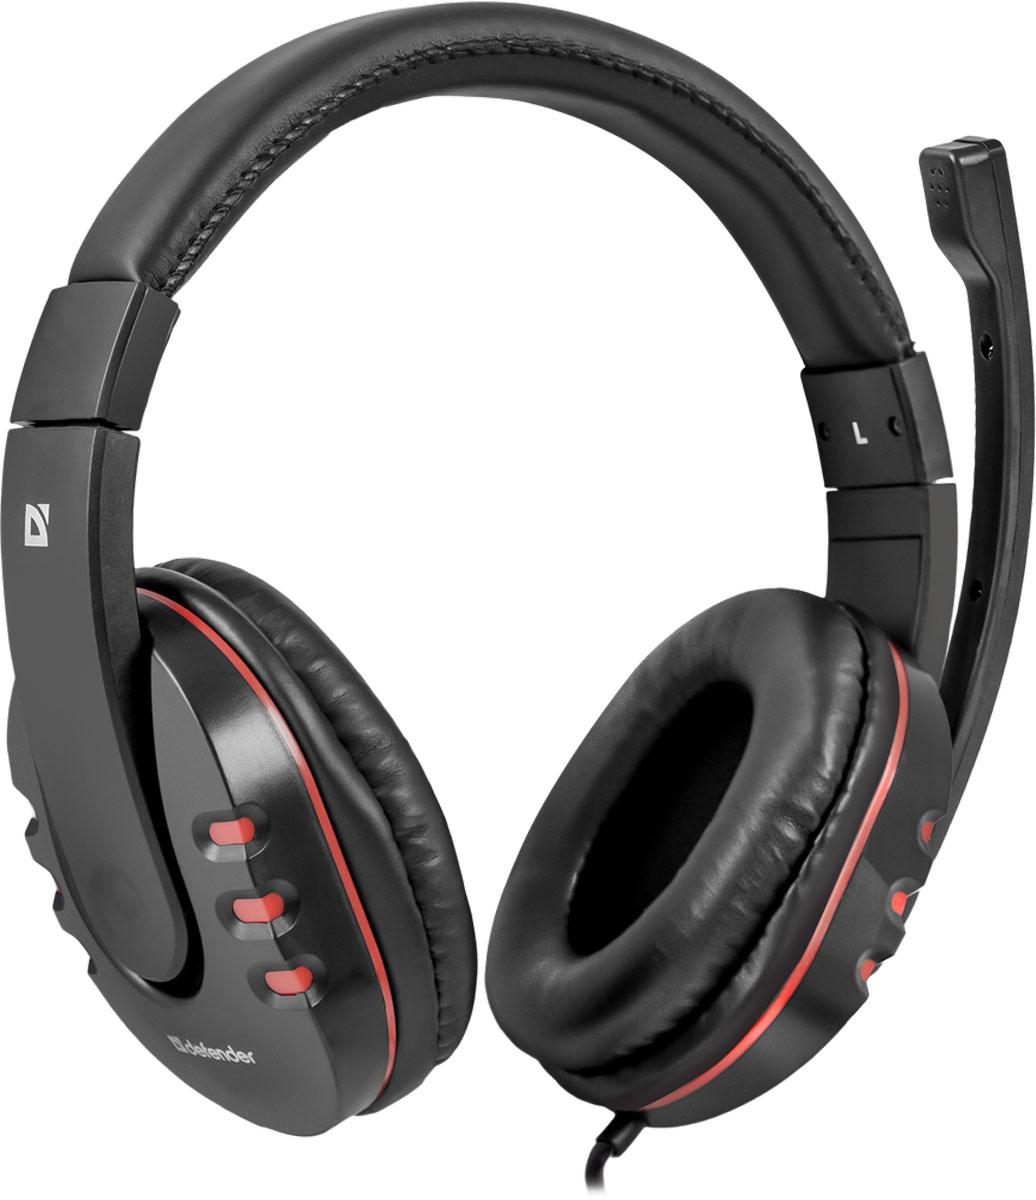 Defender Warhead G-160, Black игровая гарнитура64113Игровая гарнитура Defender Warhead G-160 оснащена всем необходимым для захватывающего процесса игры. На кабеле гарнитуры удобно расположен регулятор громкости. Благодаря надежной звукоизоляции и комфортным амбушюрам вы сможете играть или слушать музыку с комфортом - ничто не будет вам мешать!Частотный диапазон микрофона: 20 Гц - 16 кГцСопротивление микрофона: 2,2 кОмЧувствительность микрофона: 54 дБ